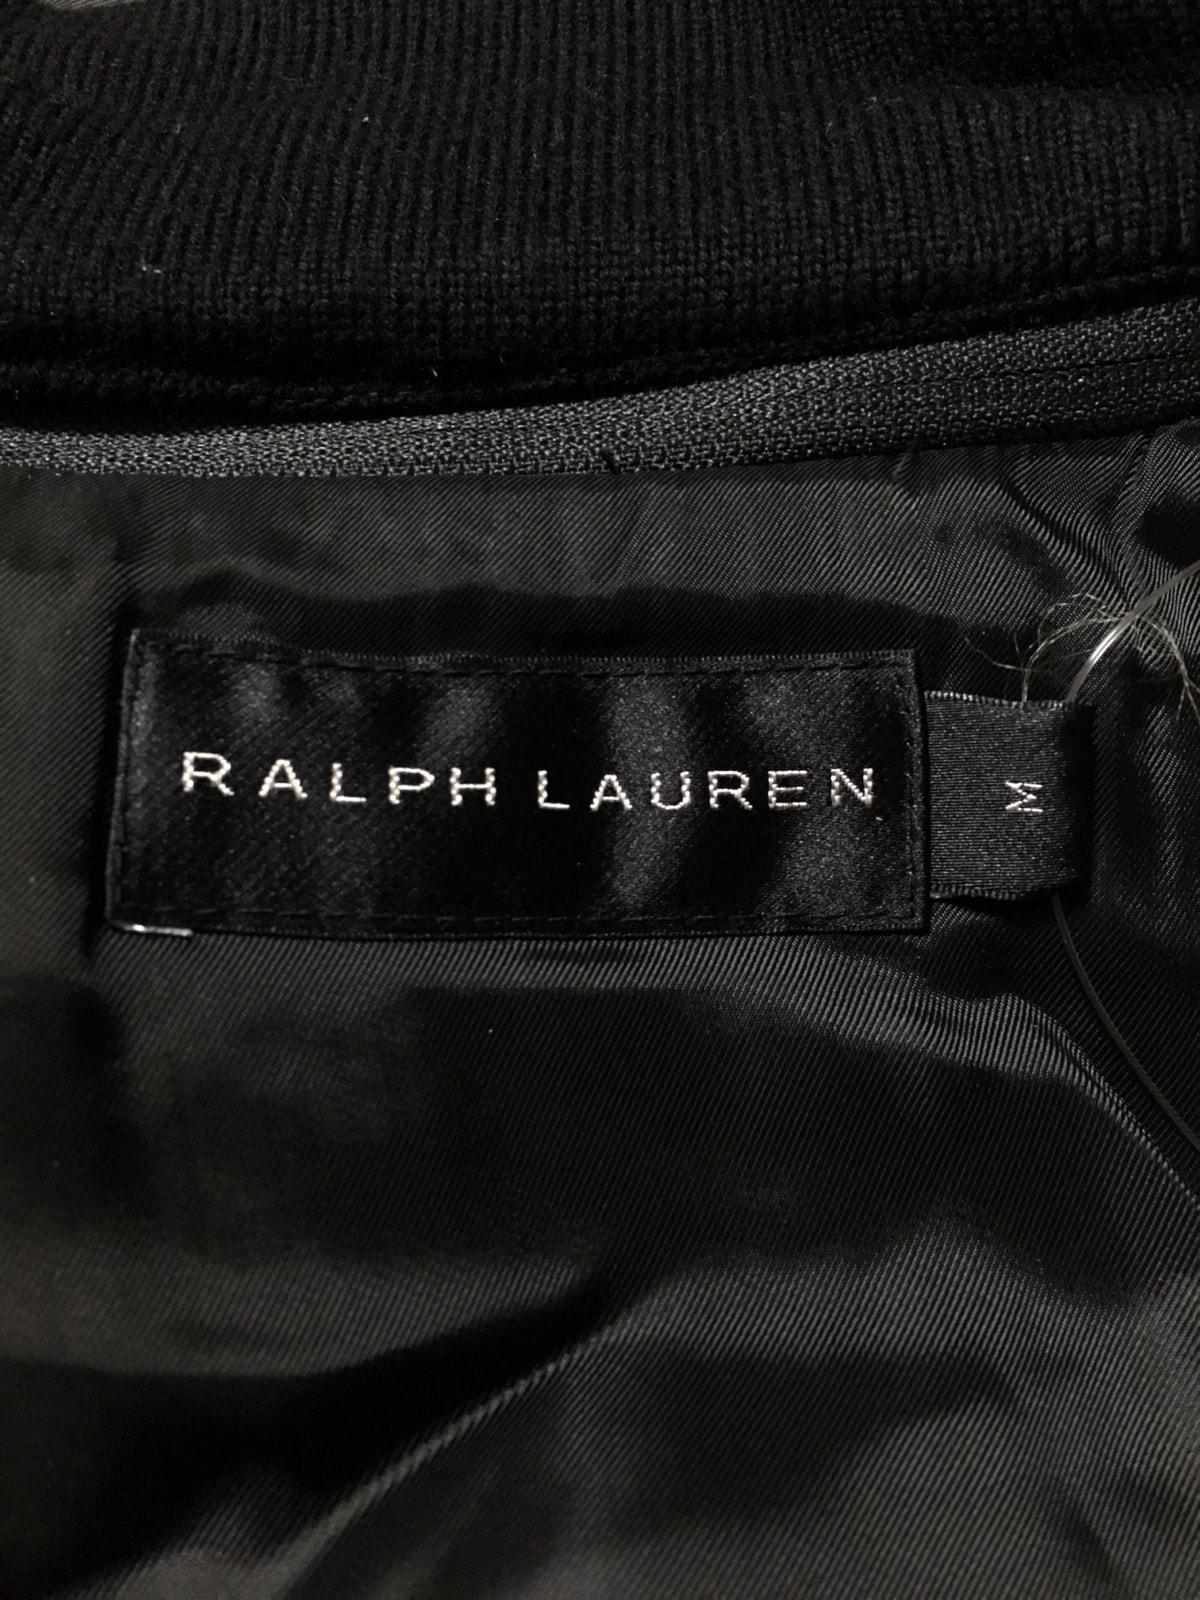 RalphLauren(ラルフローレン)のメンズセットアップ